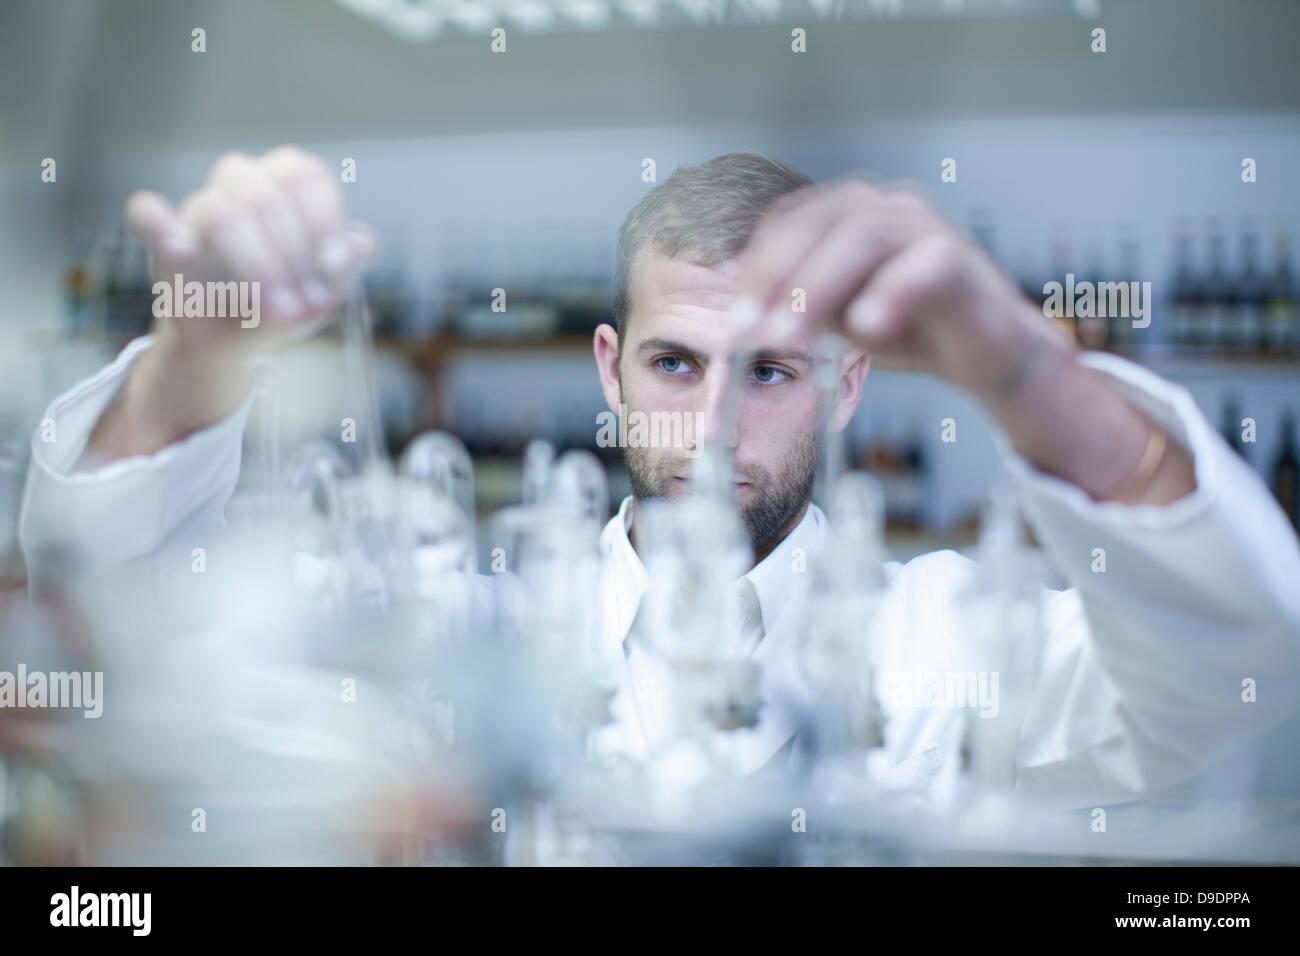 Au cours de l'essai de mélange de l'oenologue de l'échantillon en laboratoire Photo Stock